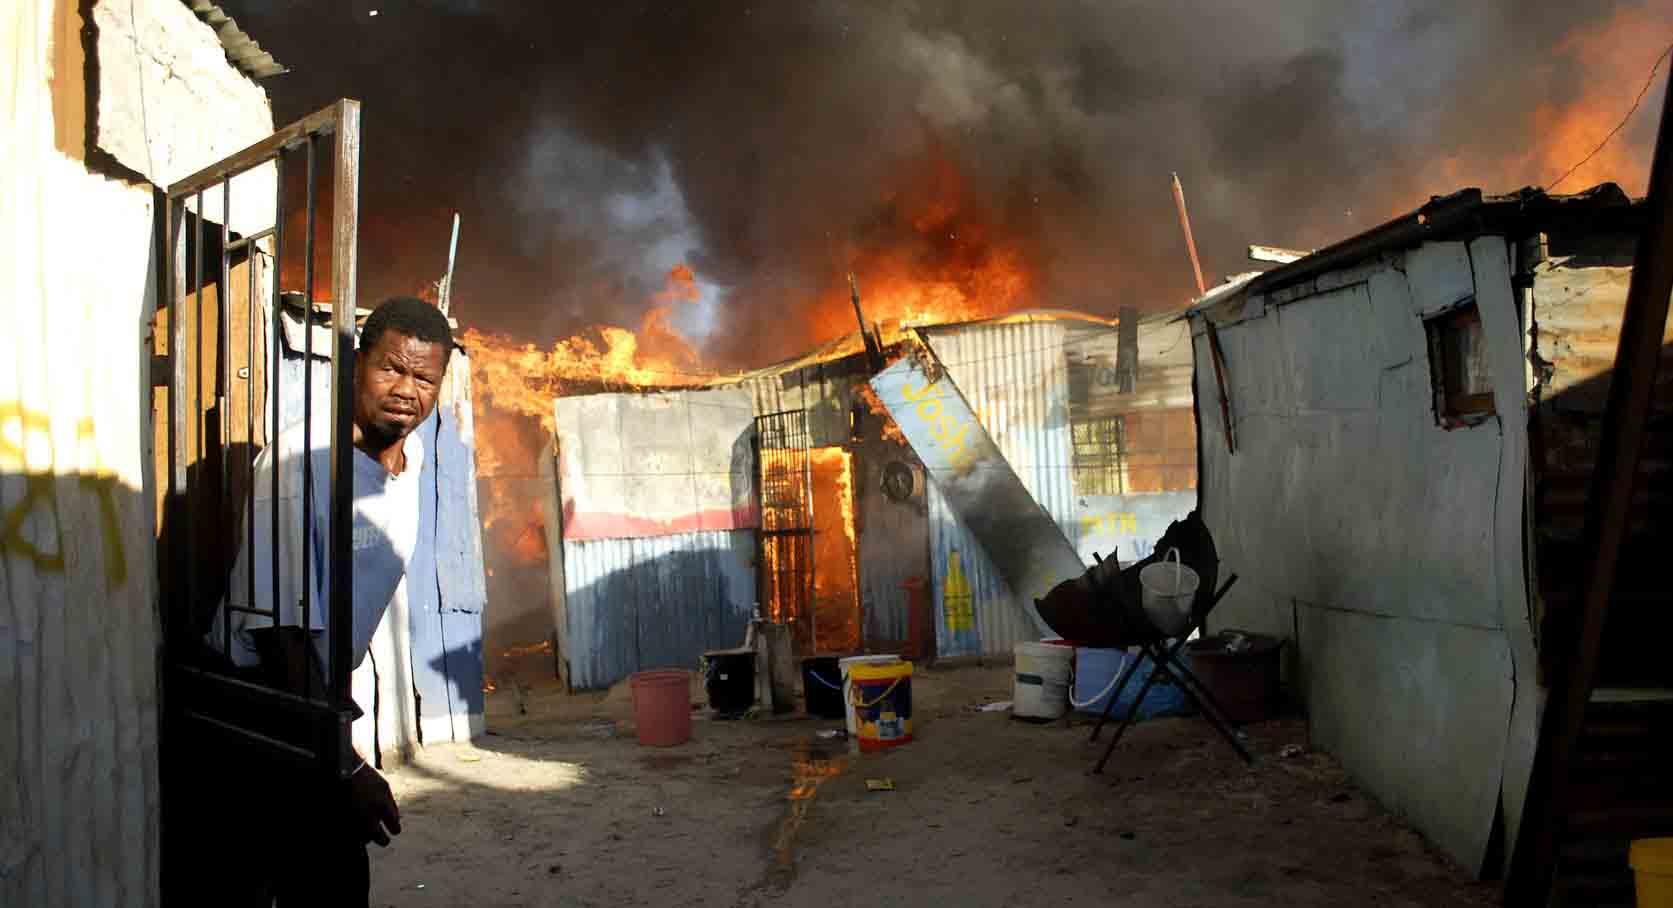 Khayelitsha Fire